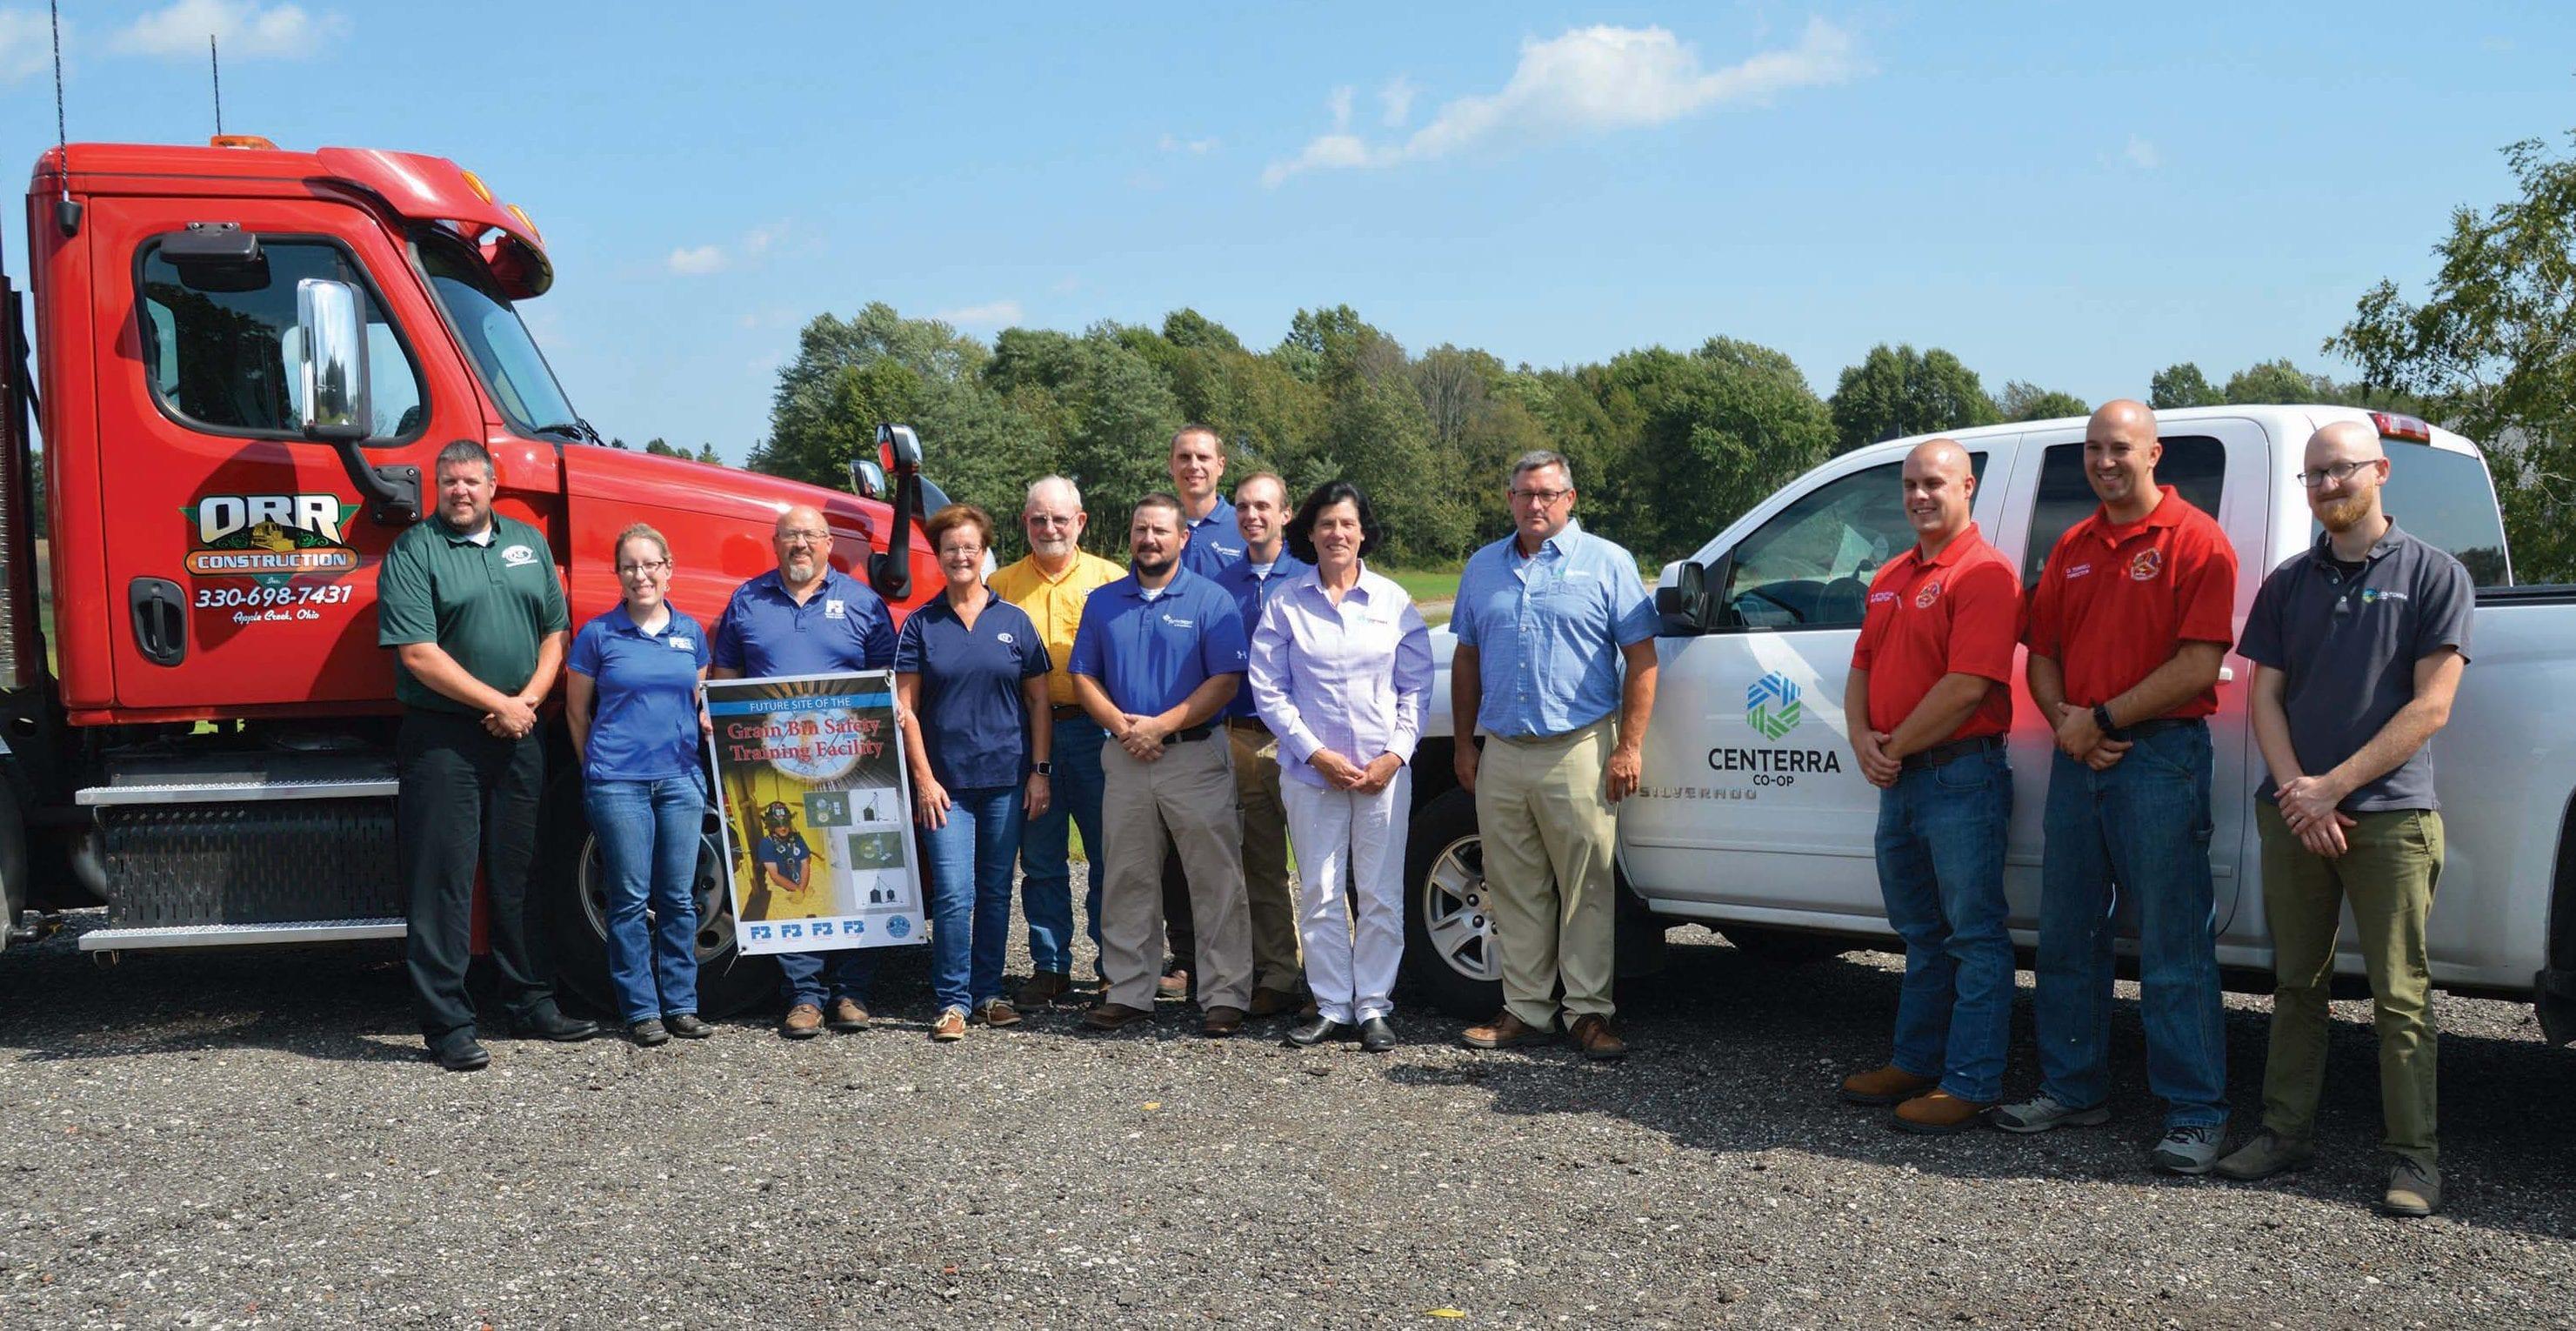 Wayne County grain bin rescue project